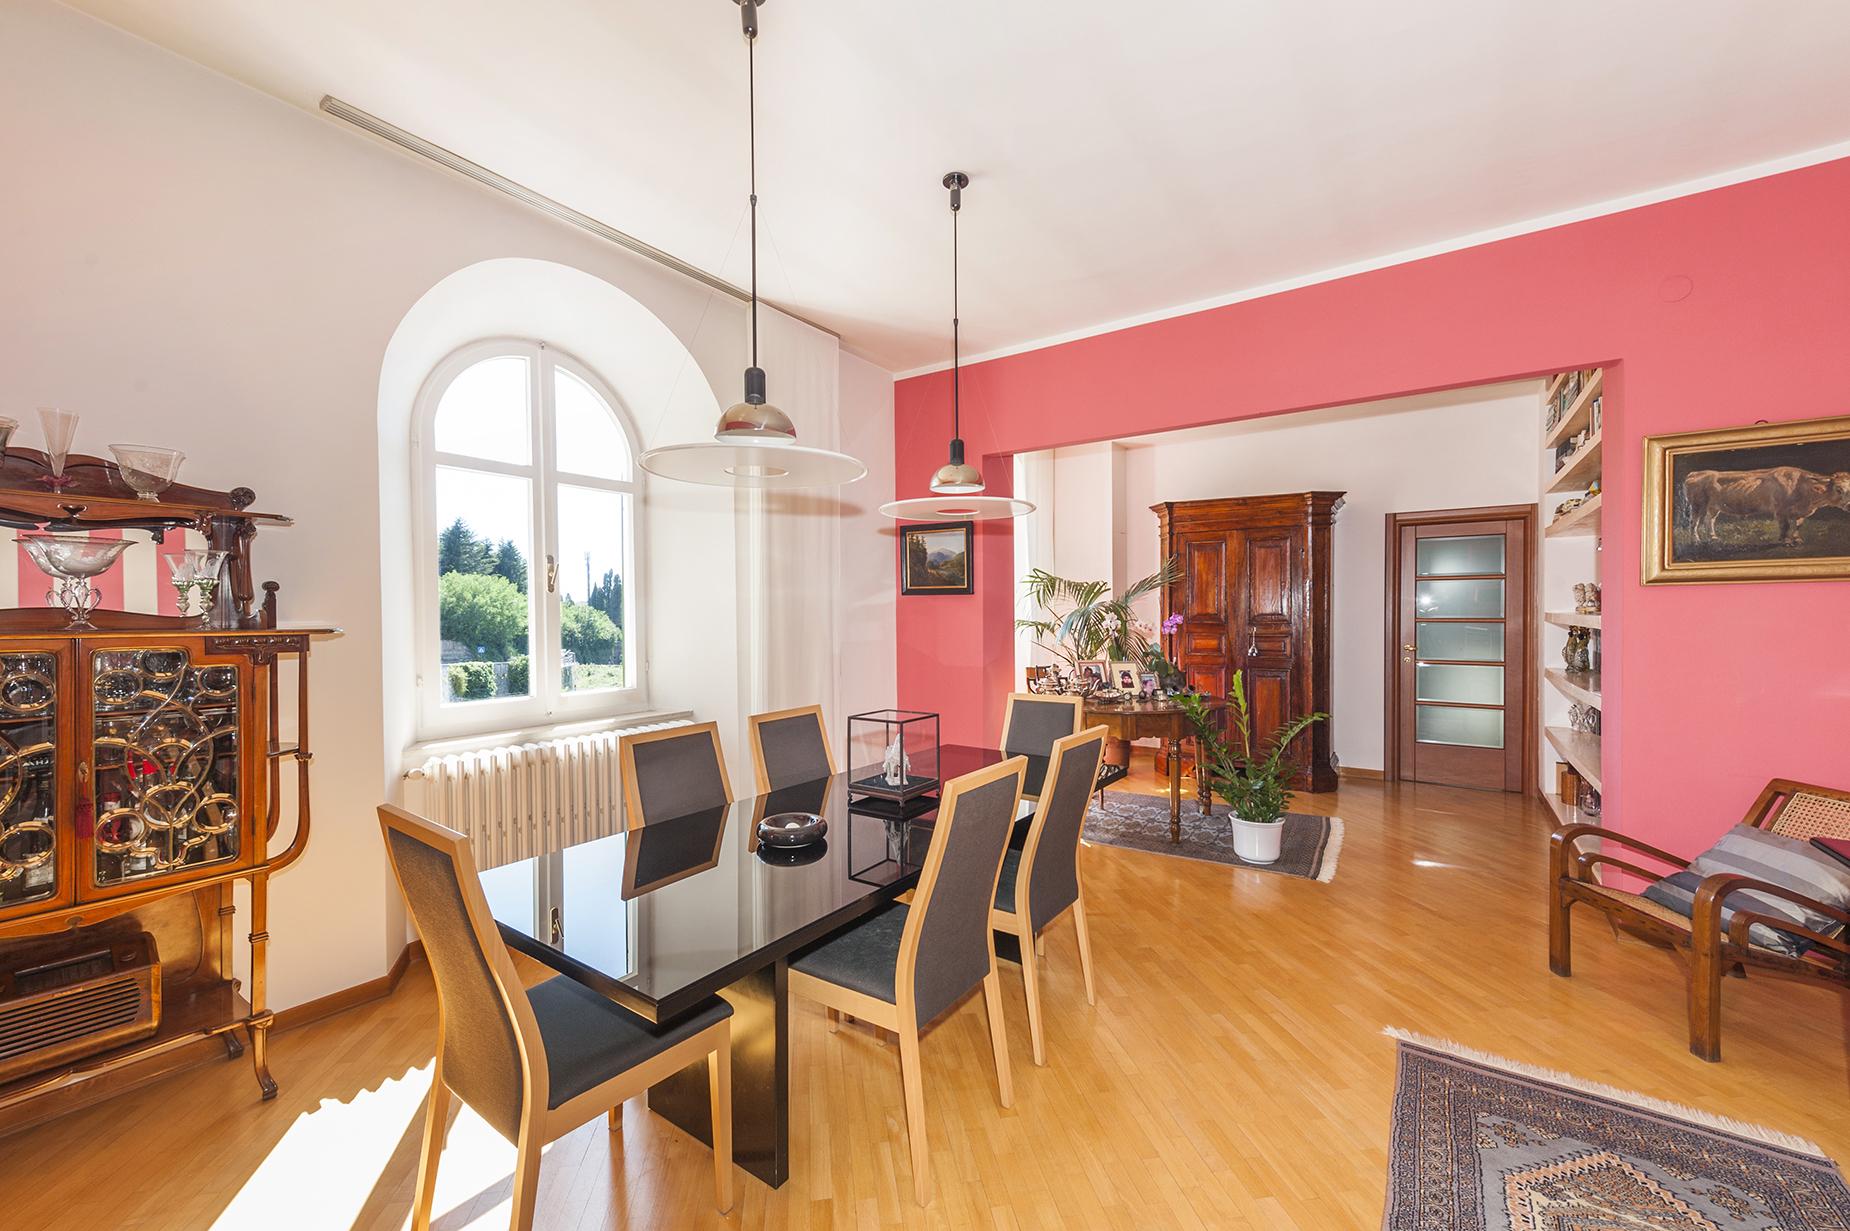 Casa indipendente in Vendita a Sorano: 5 locali, 230 mq - Foto 24